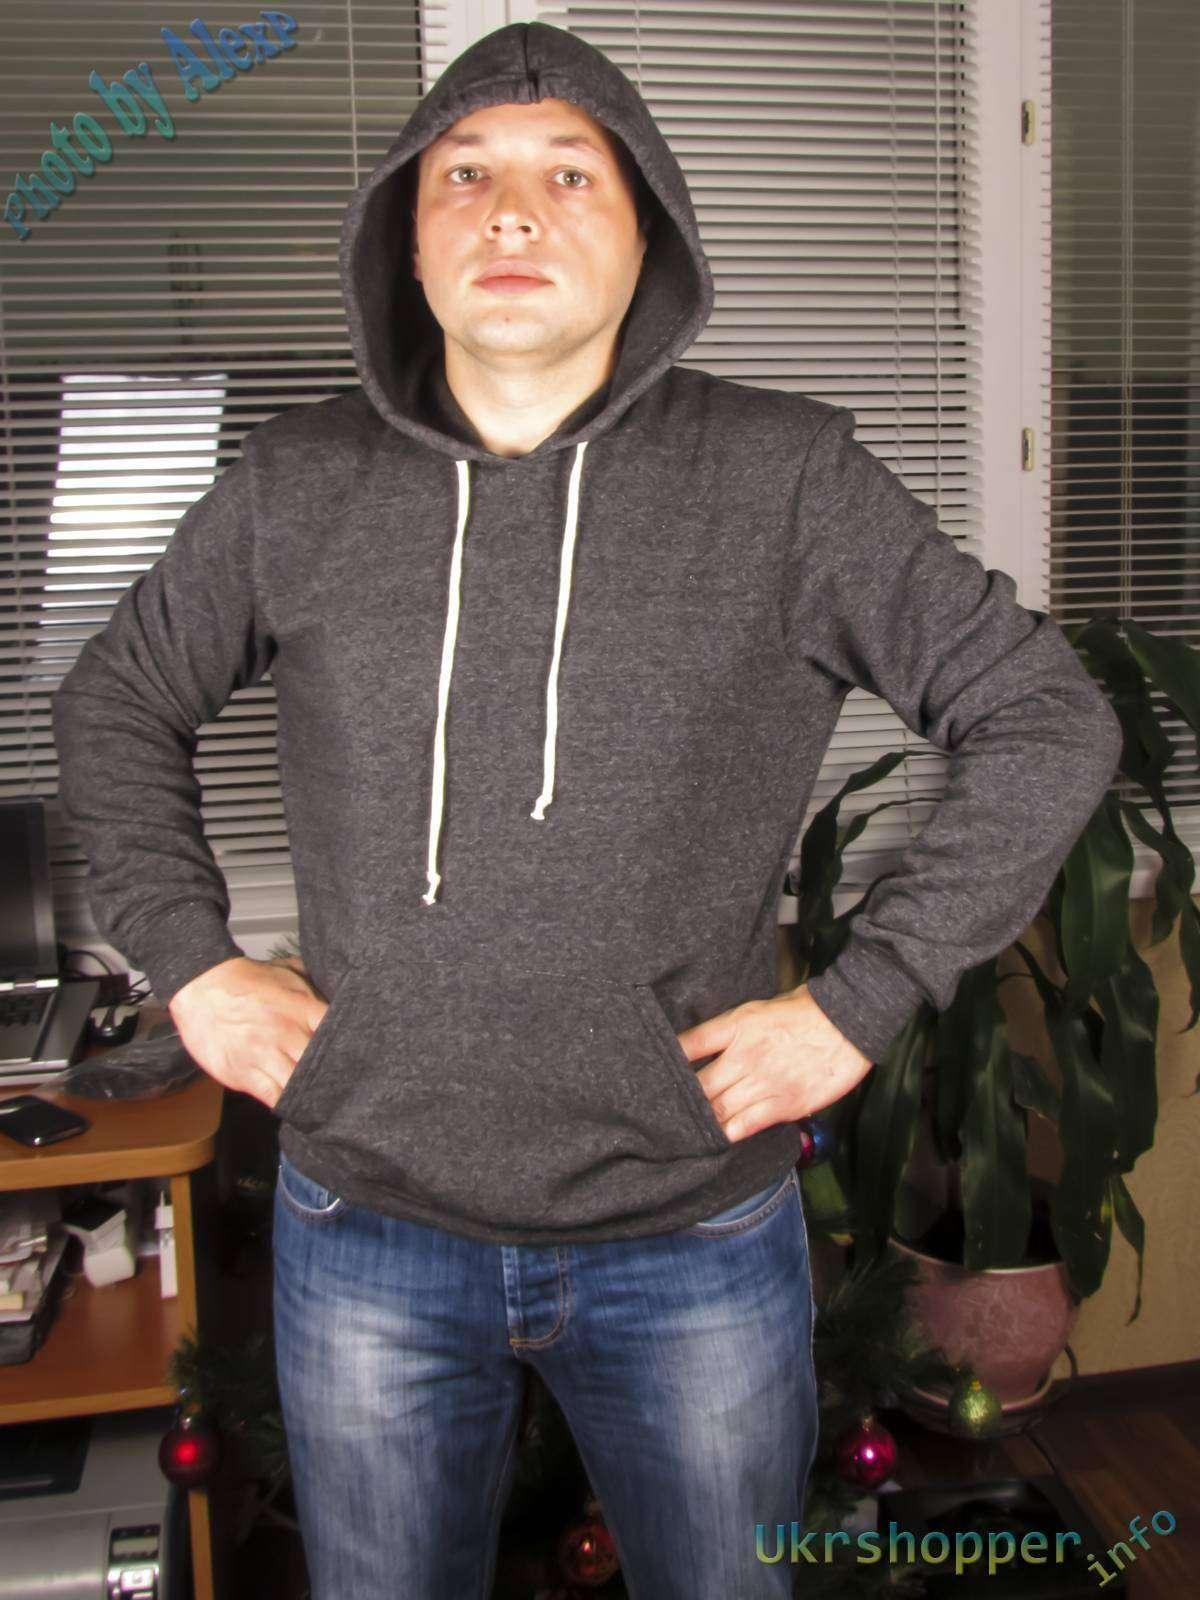 Amazon: Еще один обзор одежды купленной в США - мужская толстовка с капюшоном